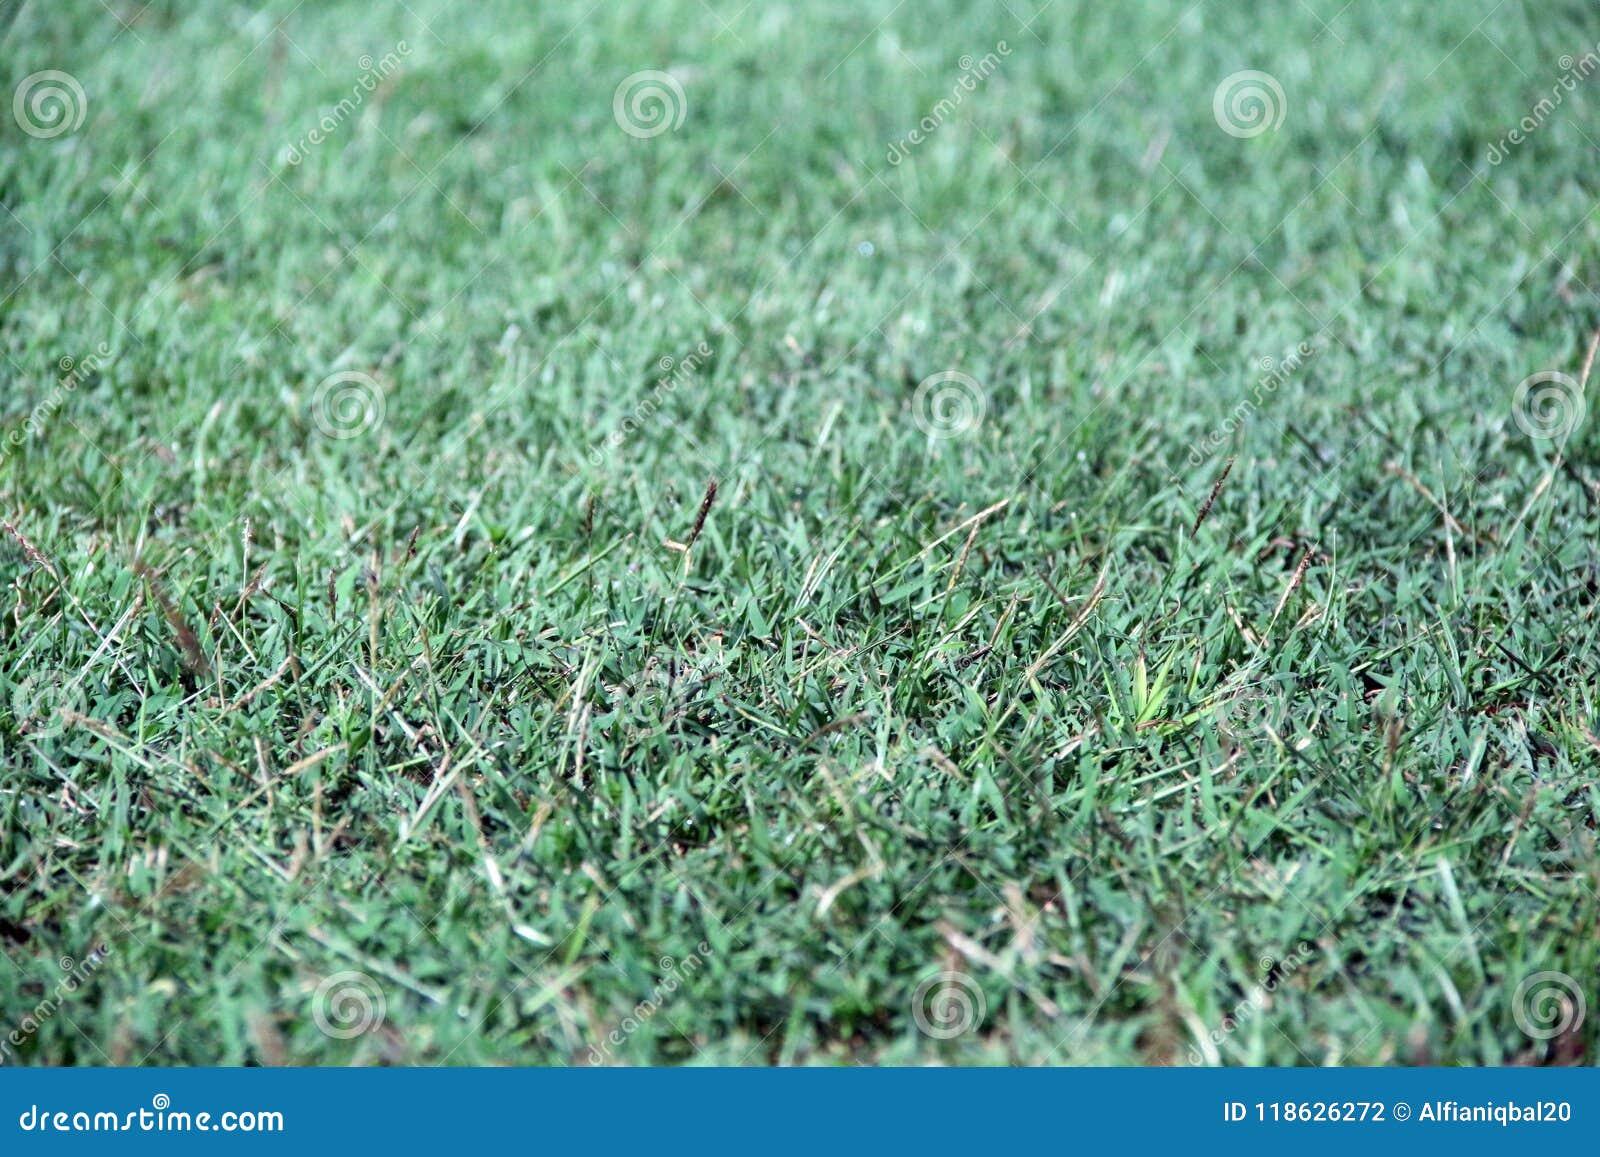 Green grass texture. Green artificial grass on the ground. Green meadow grass field for football.